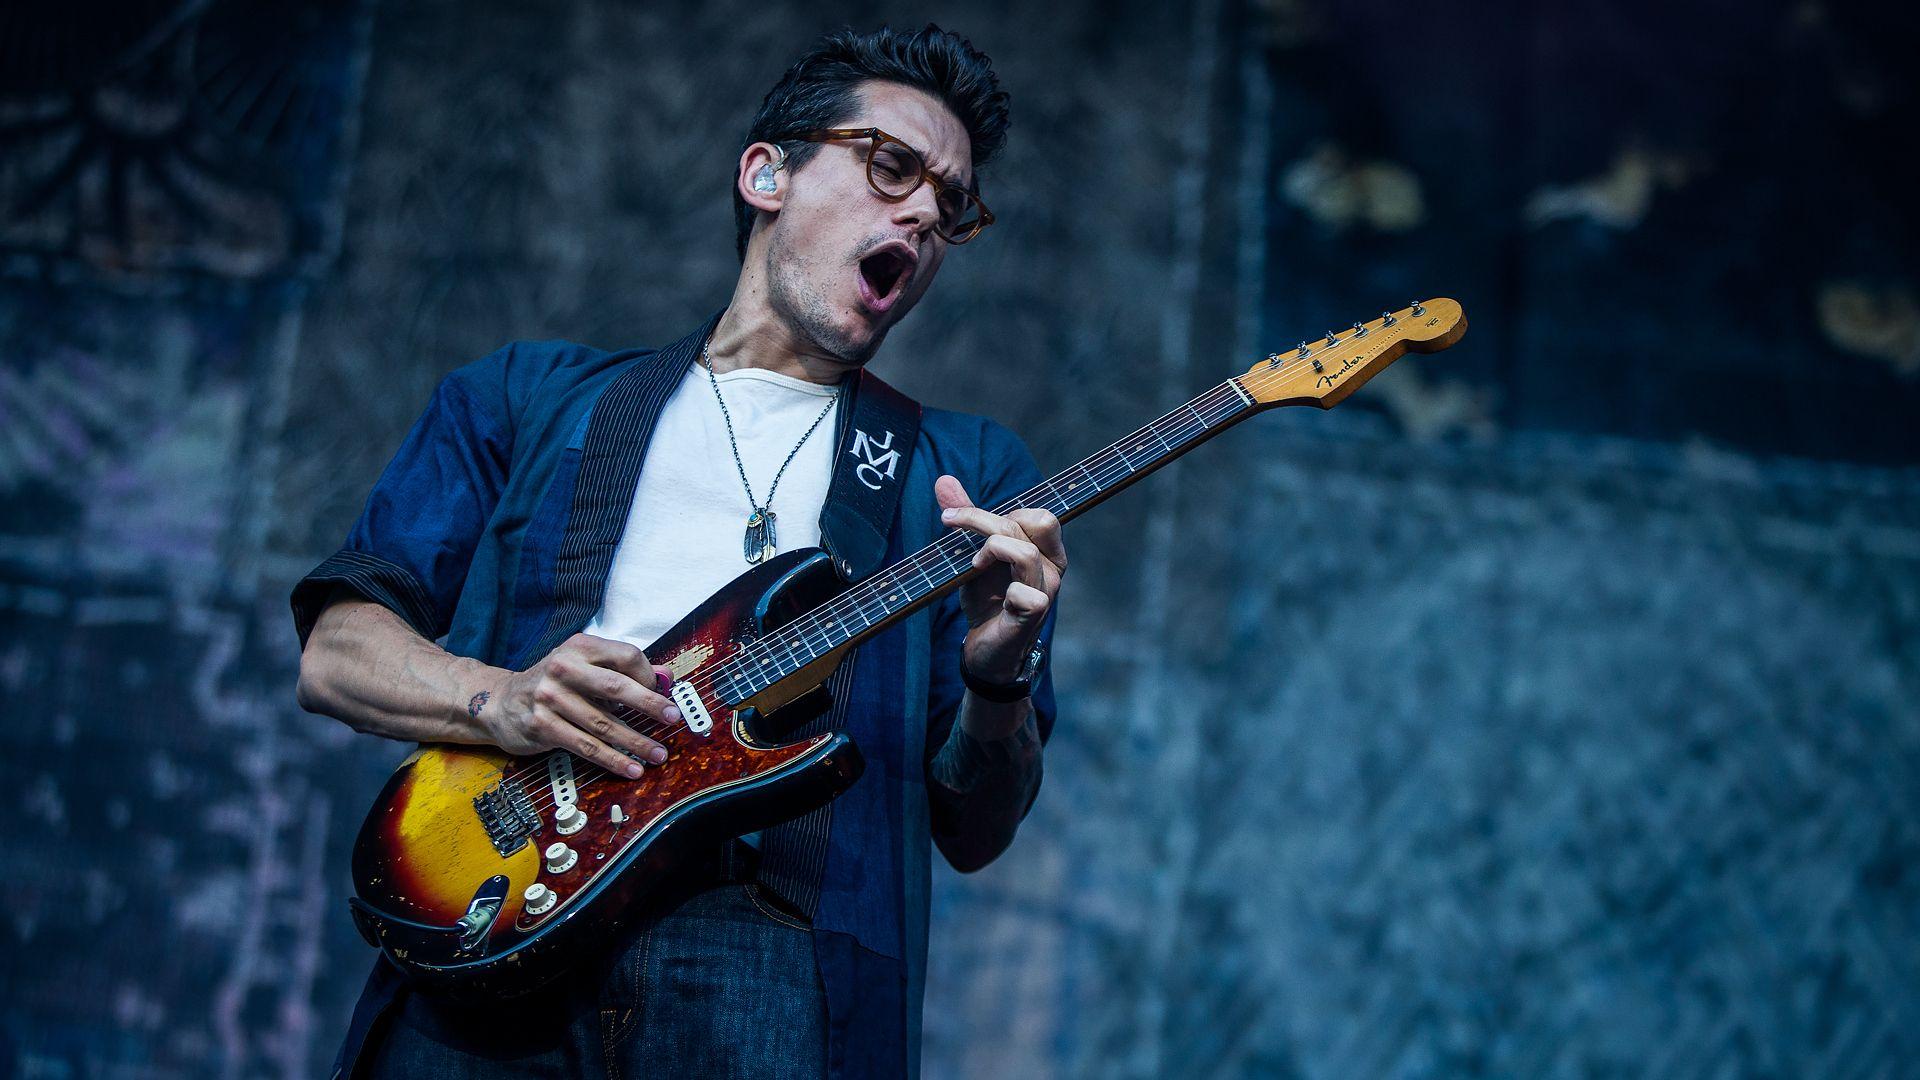 John Mayer Desktop Hd Wallpapers John Mayer John Mayer Guitar John Mayer Music